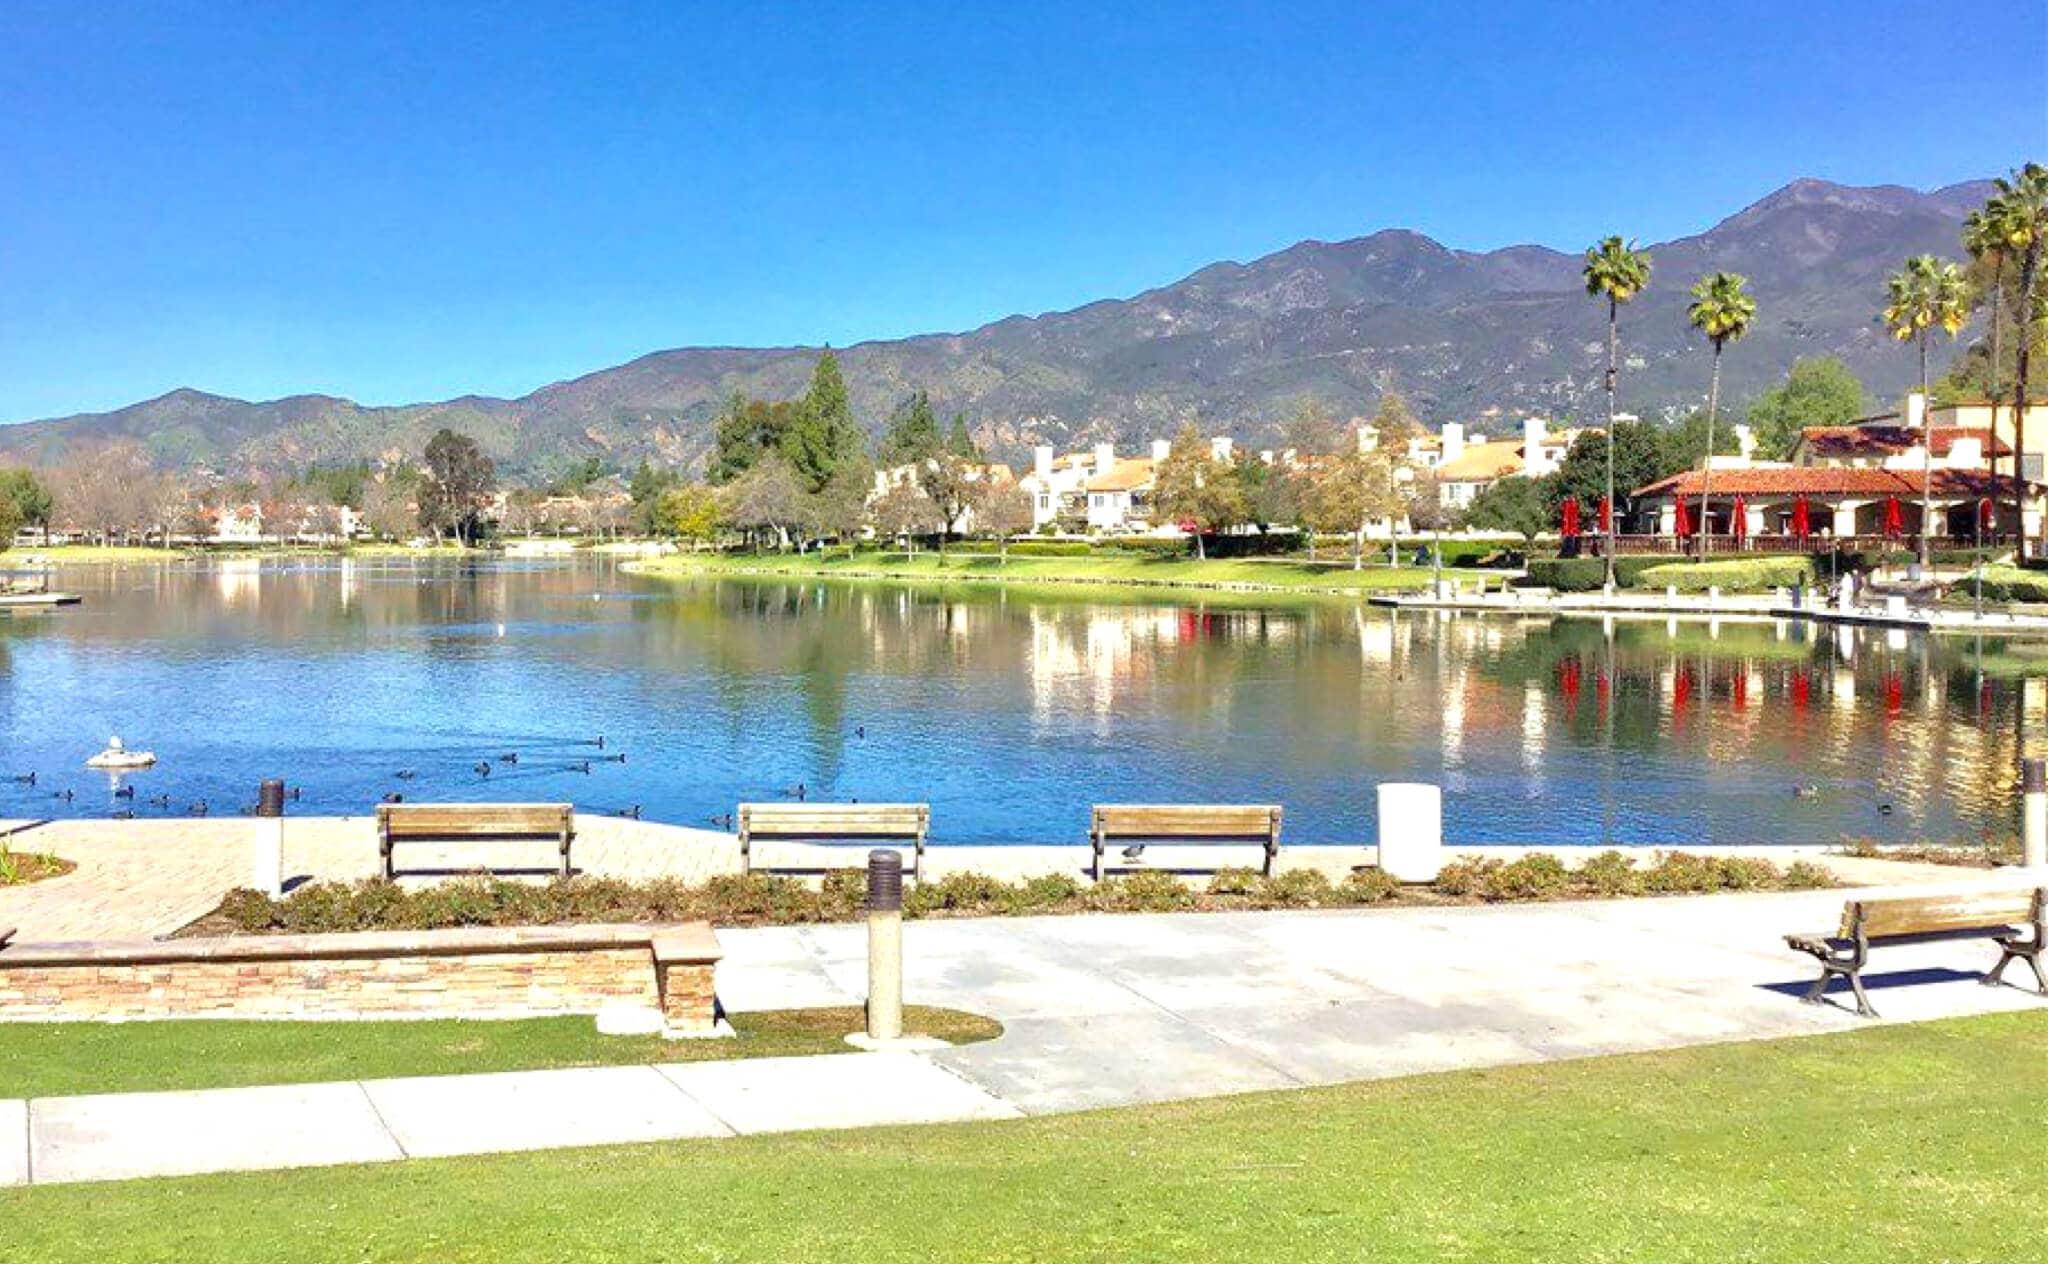 RSM-Rancho-Santa-Margarita-Lake-02